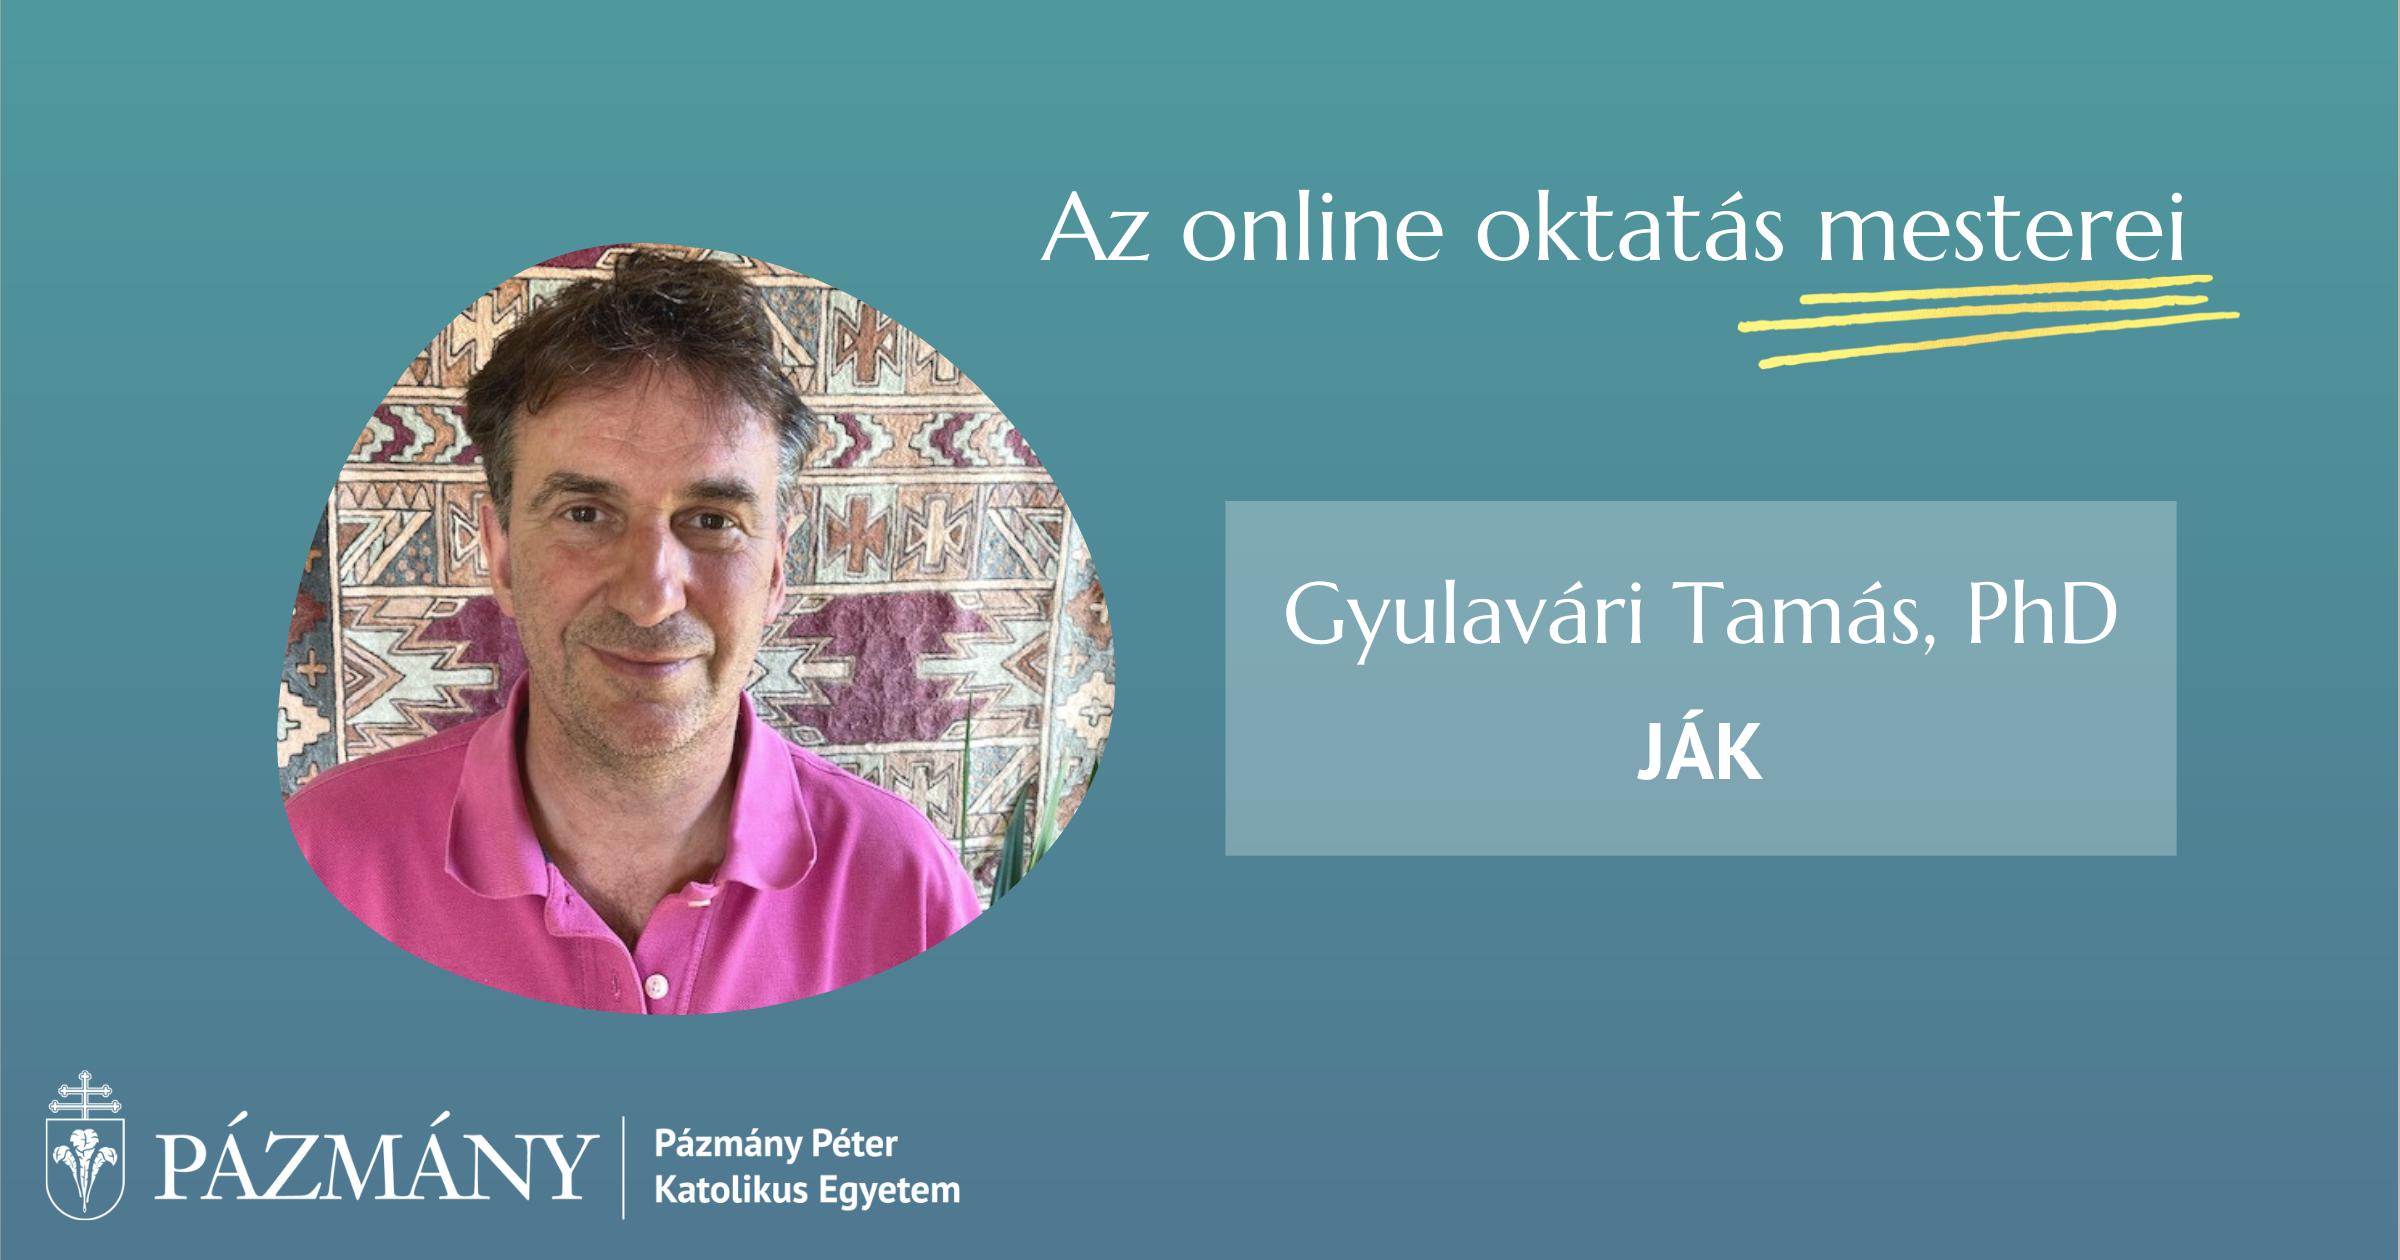 Az online oktatás mesterei: interjú Gyulavári Tamással